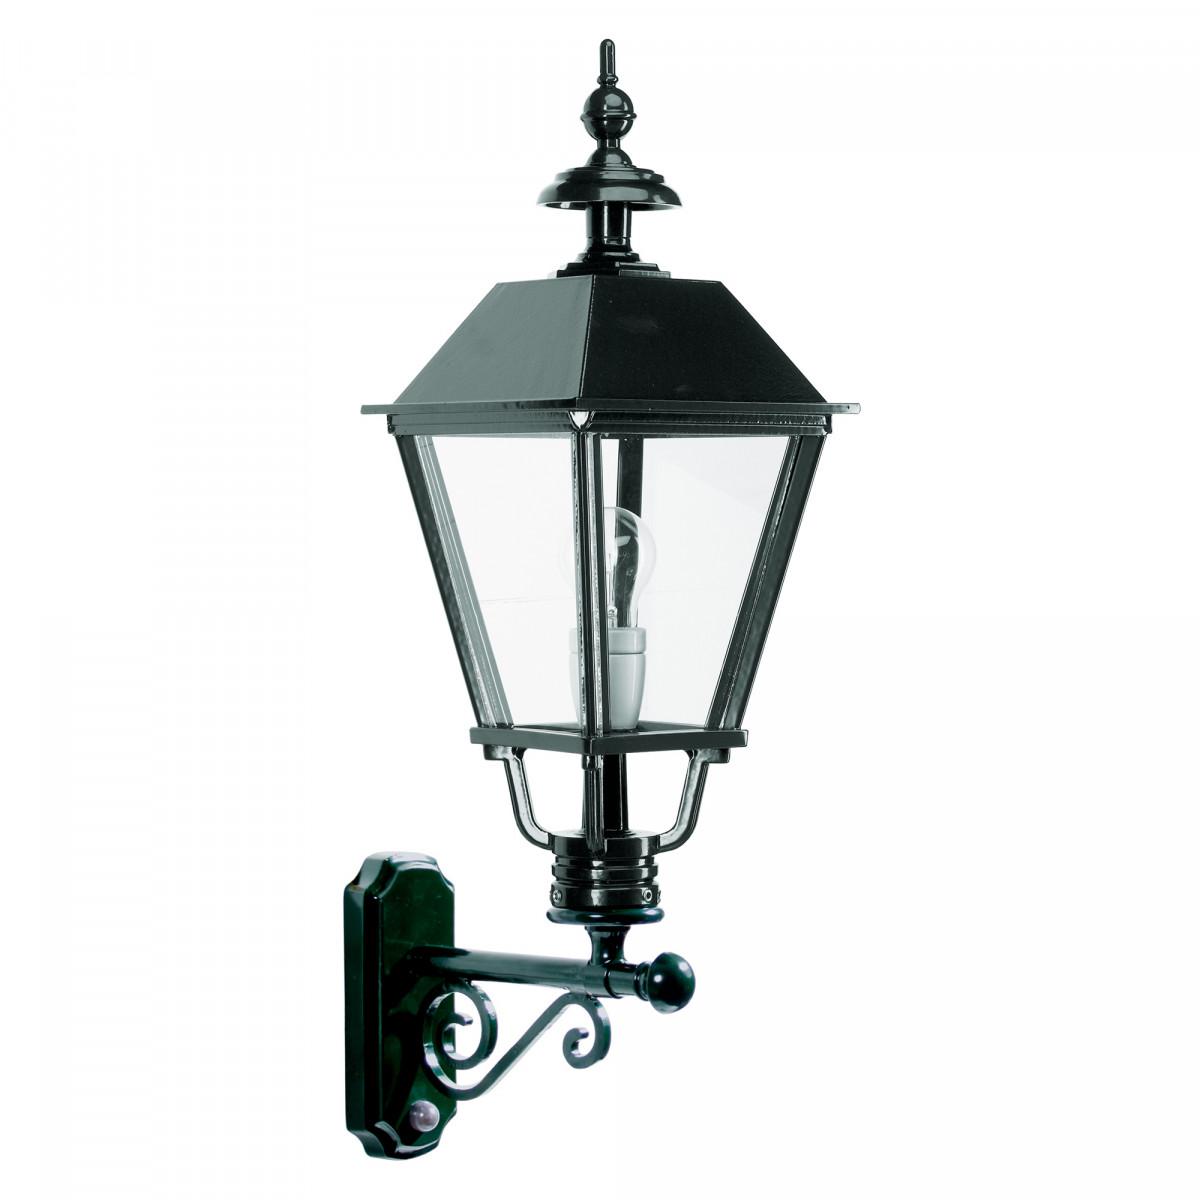 Buitenlamp met sensor -  Sensor verlichting Klassiek - Buitenlamp met bewegingsmelder